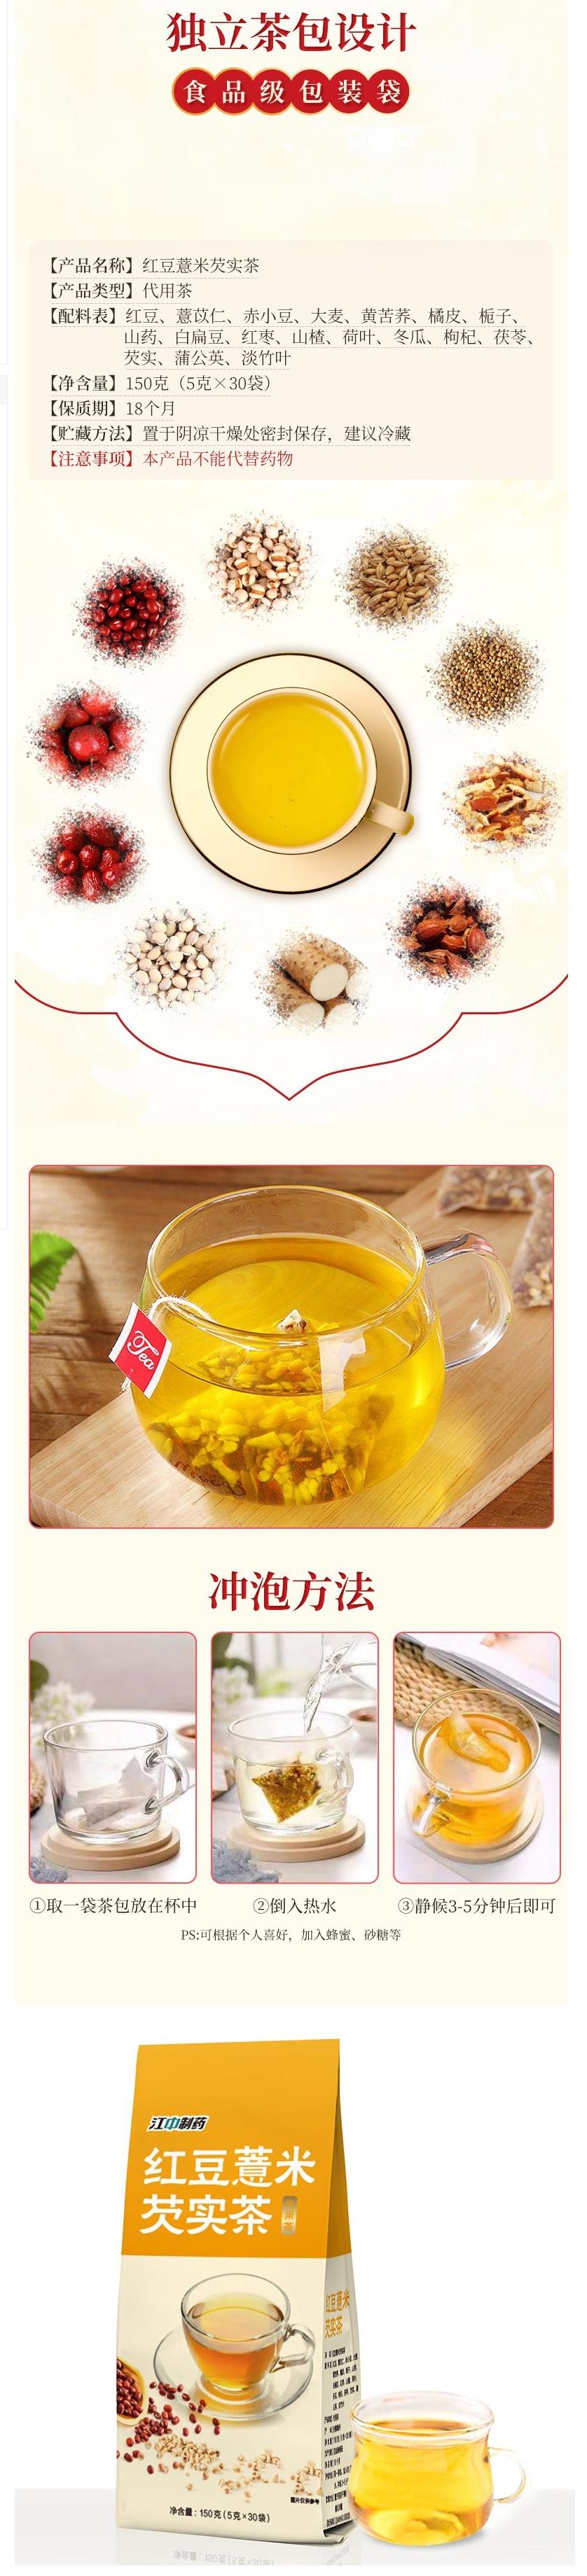 買一送一】 江中制藥 紅豆薏米芡實茶 150g(5g*30袋)